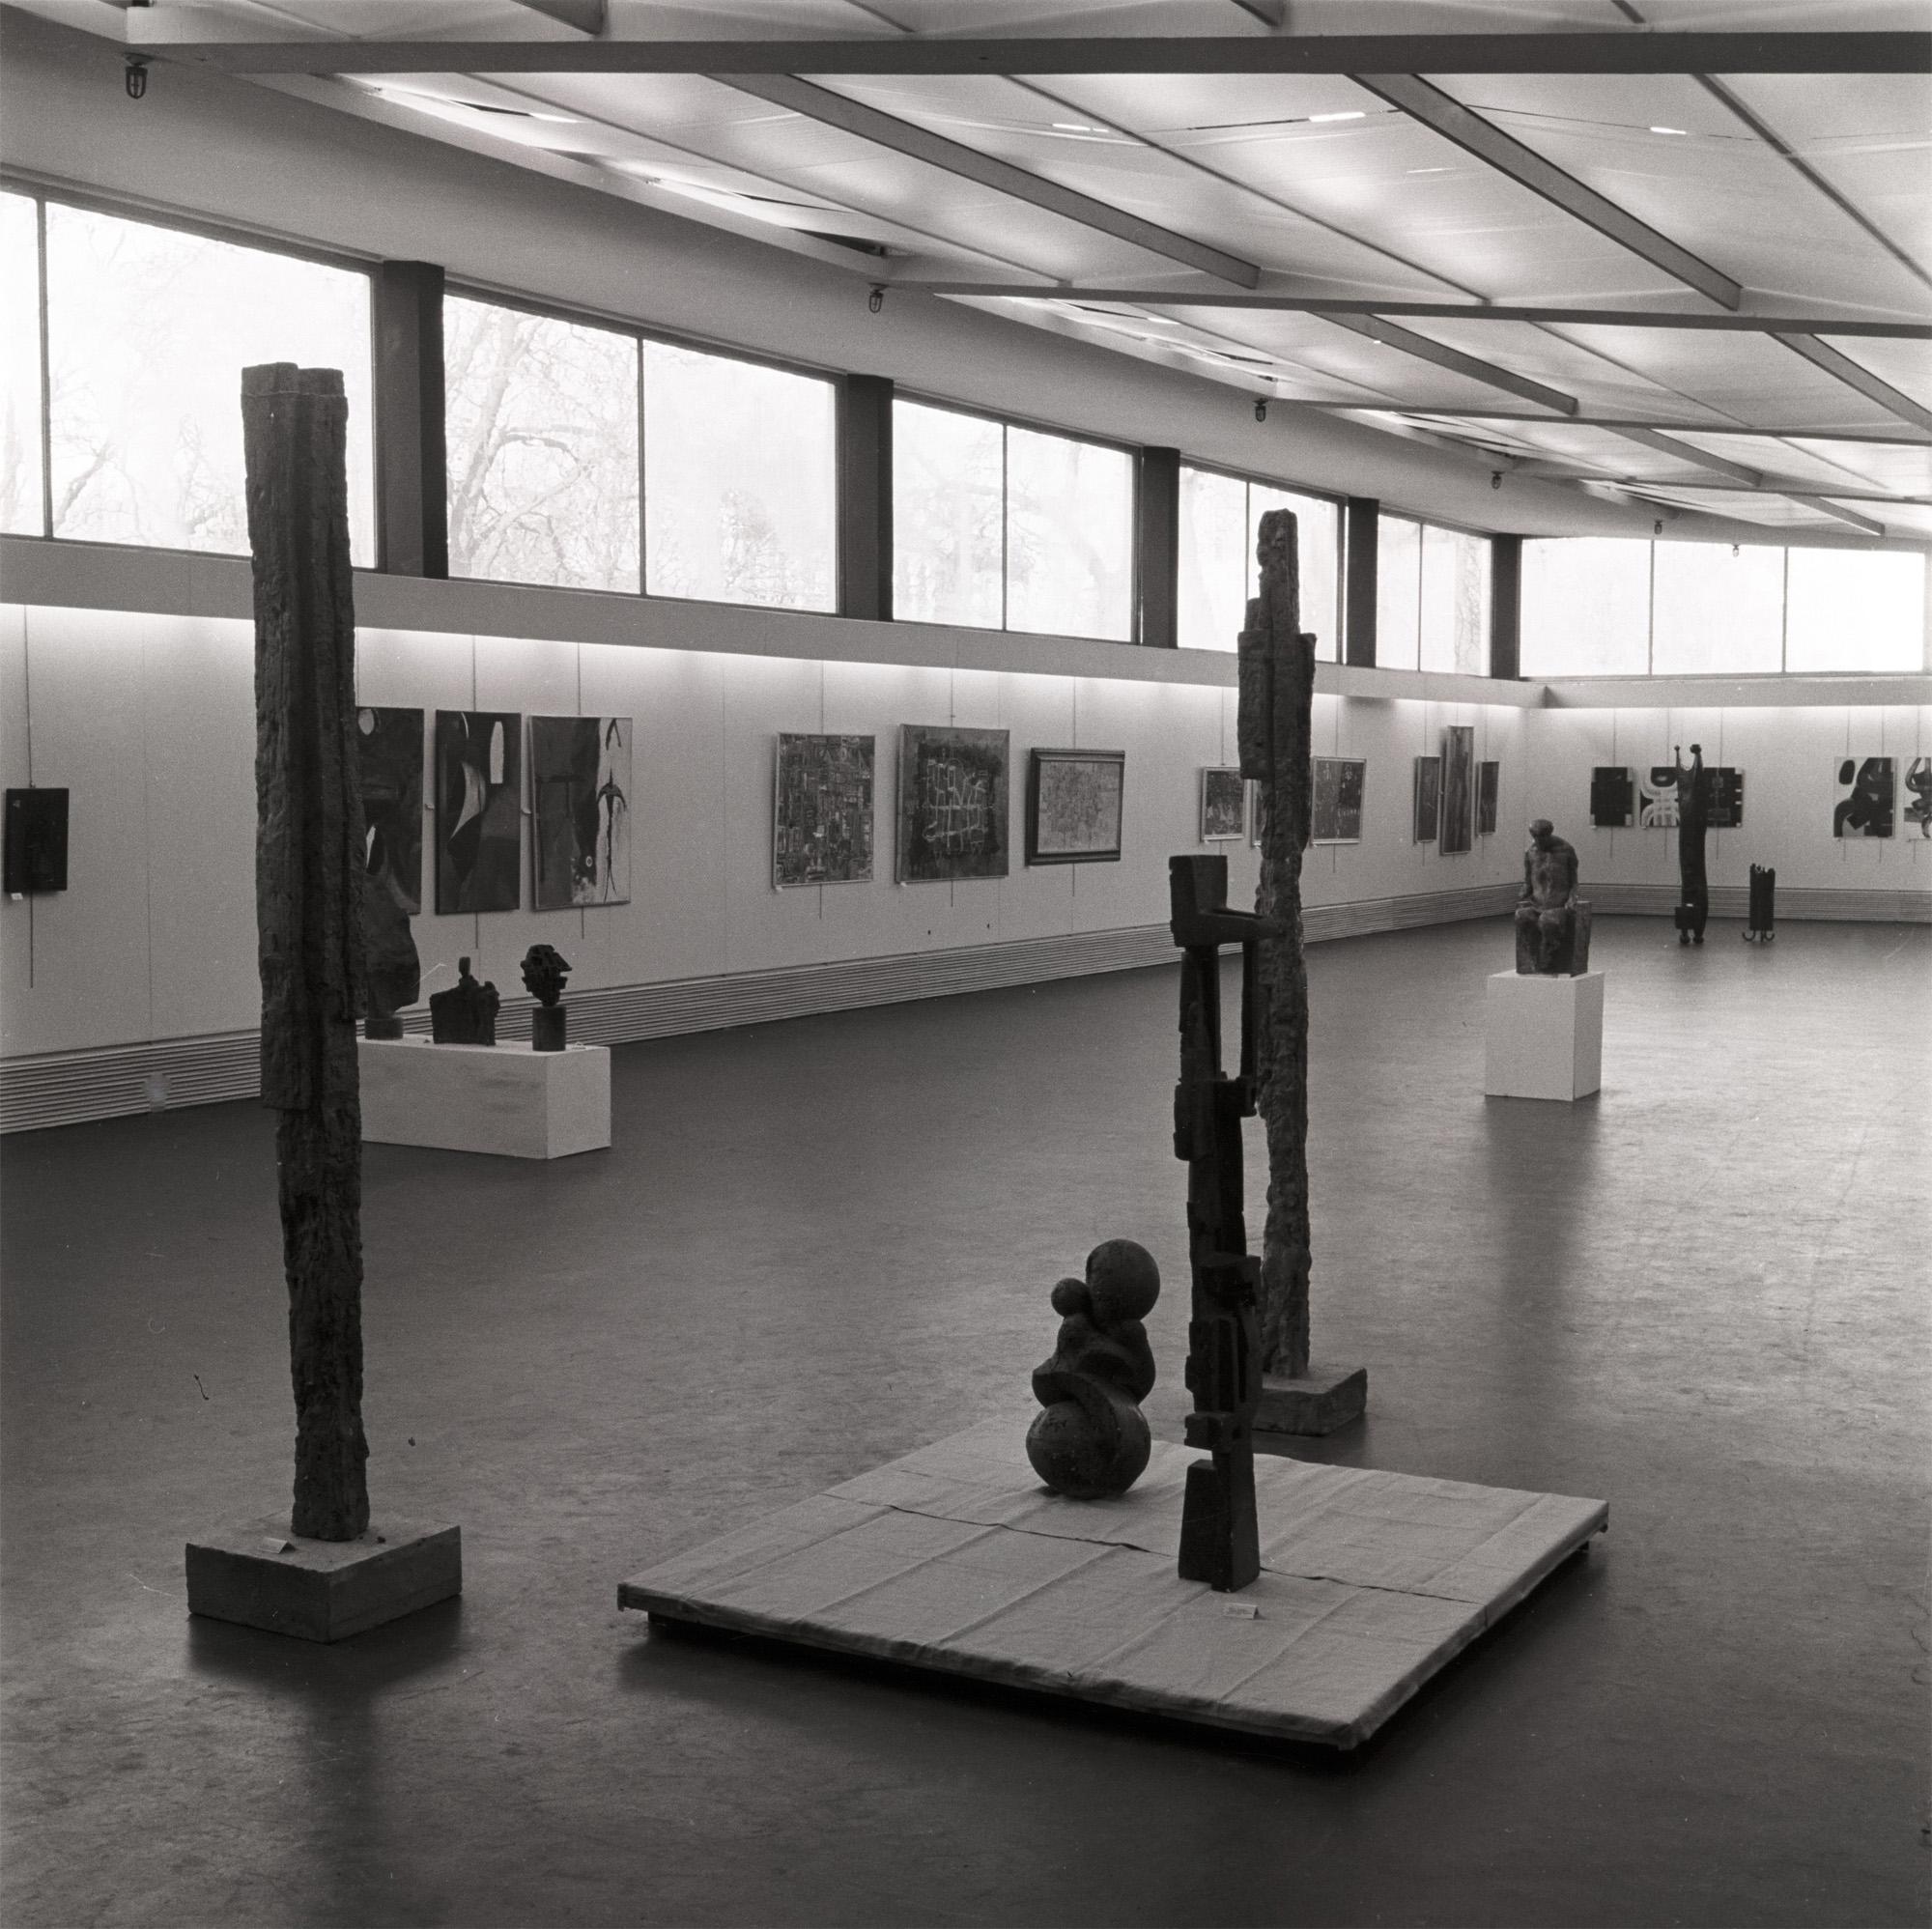 Przestrzeń ekspozycyjna naIpiętrze MPW, lata 60. XX wieku, fot.D. Zawadzki, zzasobu Archiwum Galerii Bunkier Sztuki